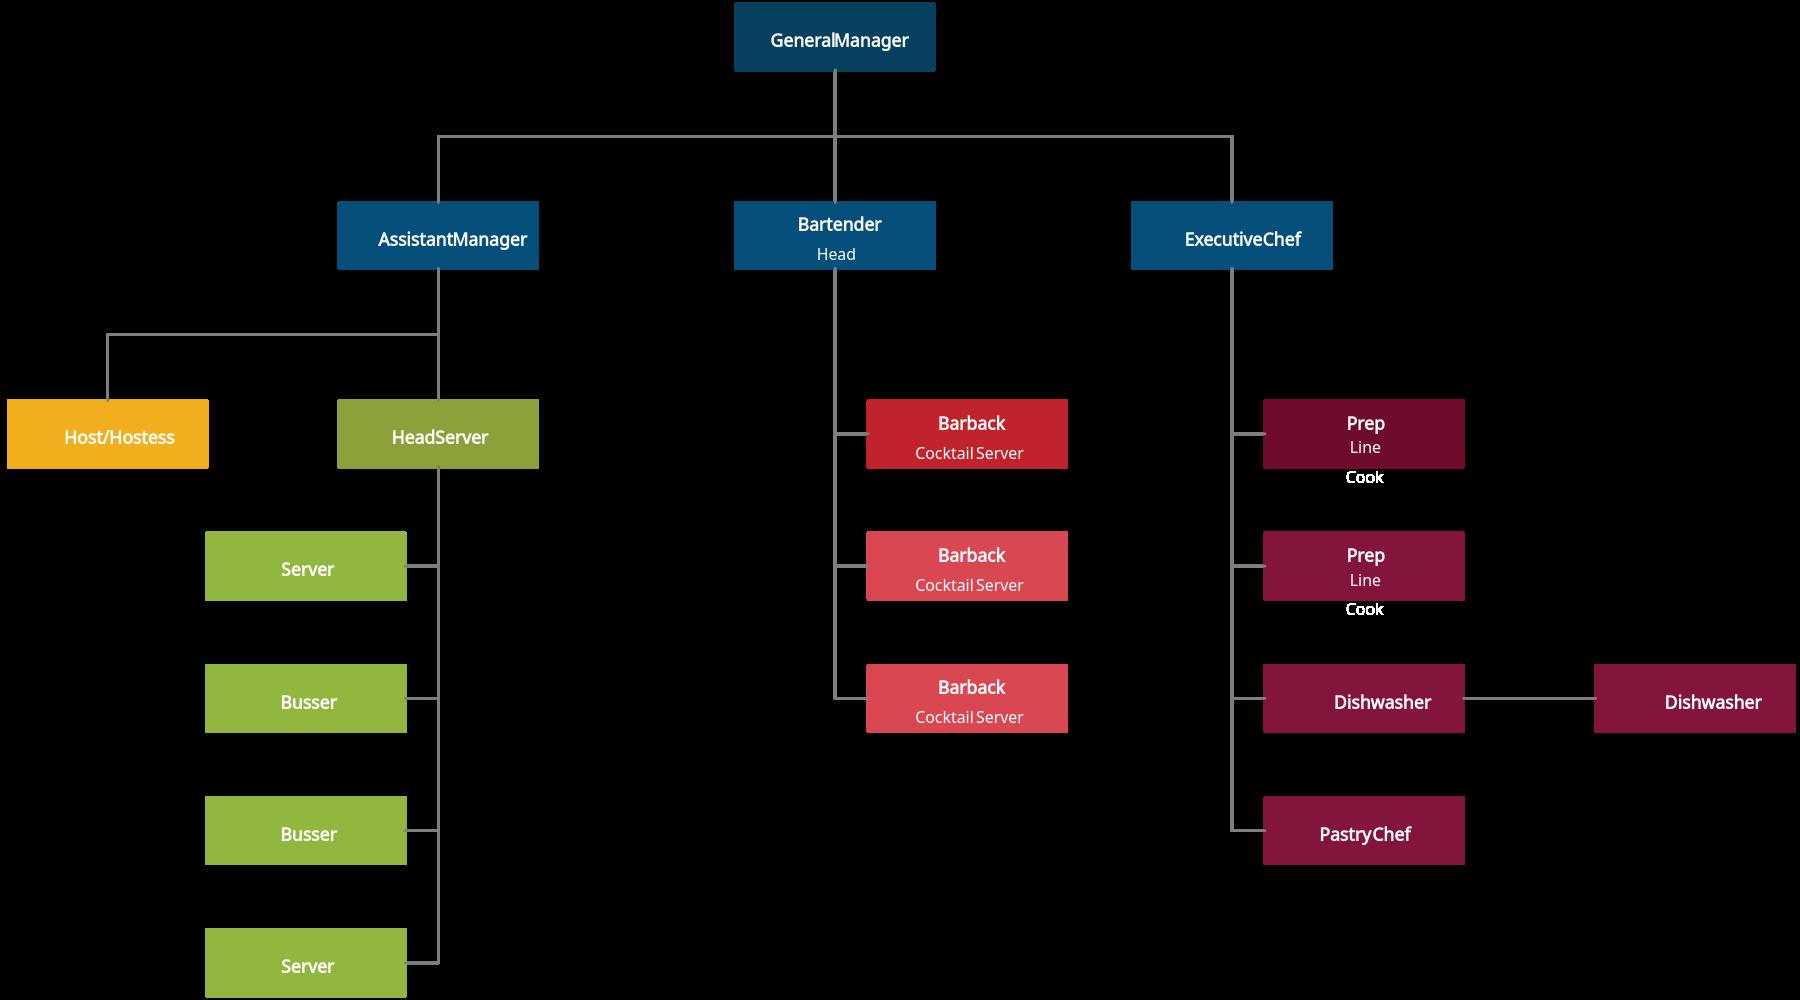 Wine Bar Organization Chart